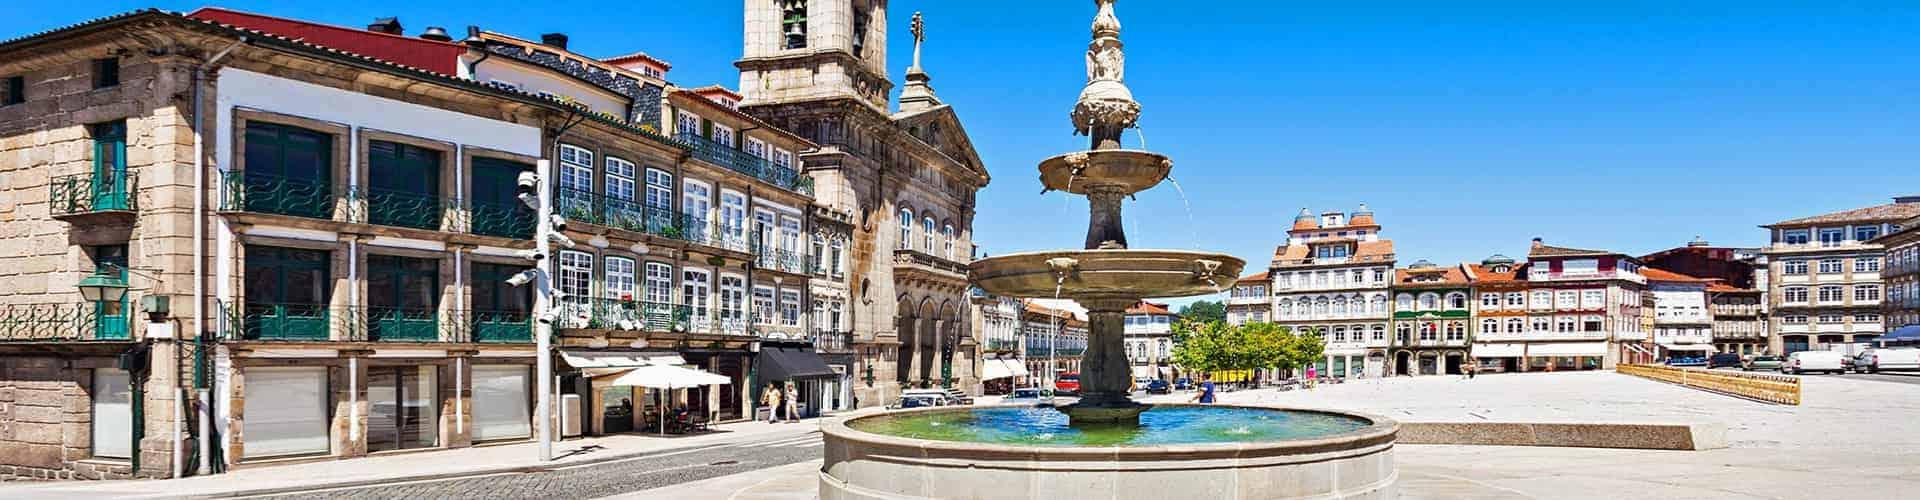 Free Tour Guimaraes - Turismo de Portugal